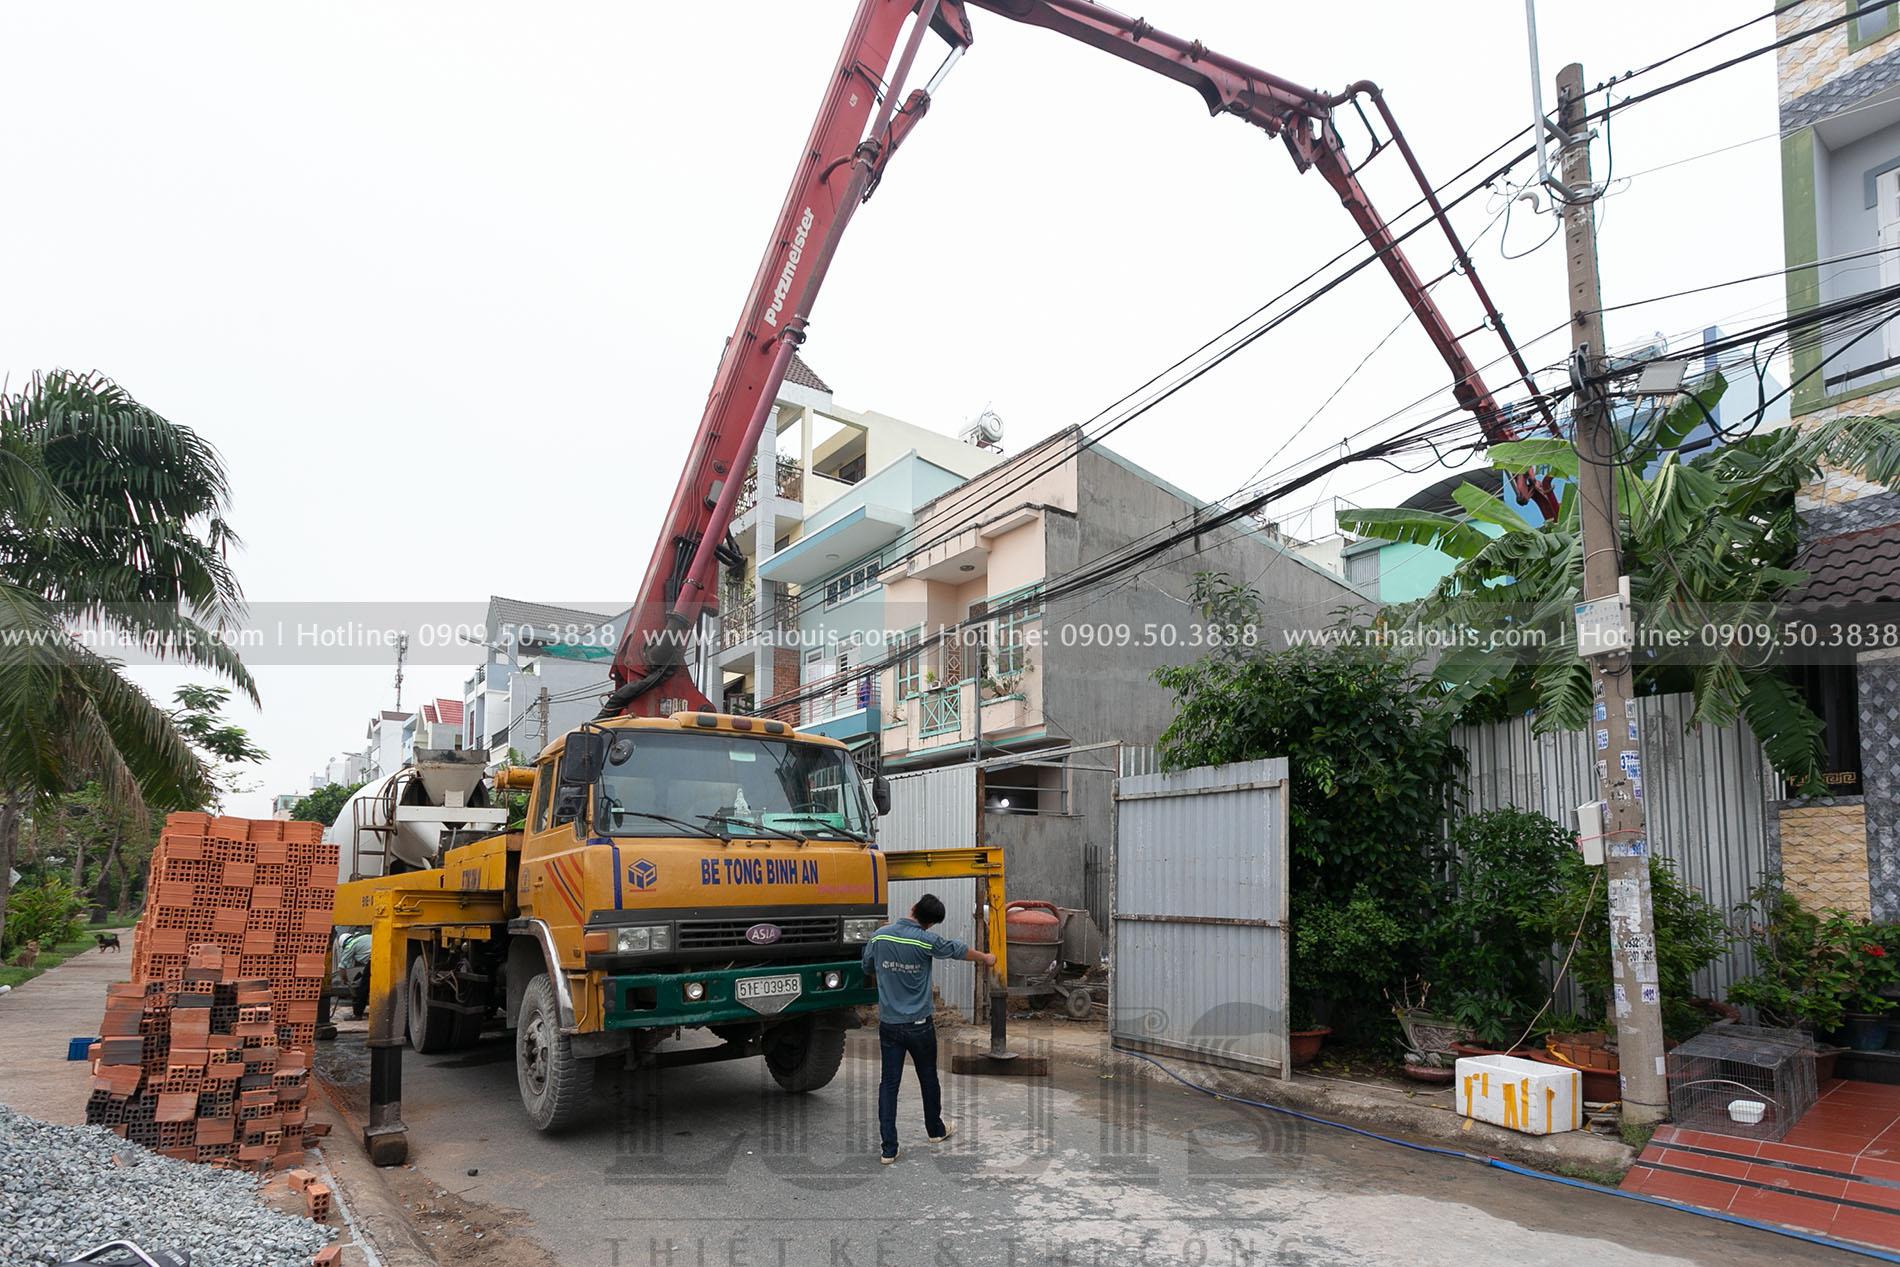 Thi công đổ bê tông móng nhà phố ngang 5m cao 4 tầng tại Quận 8